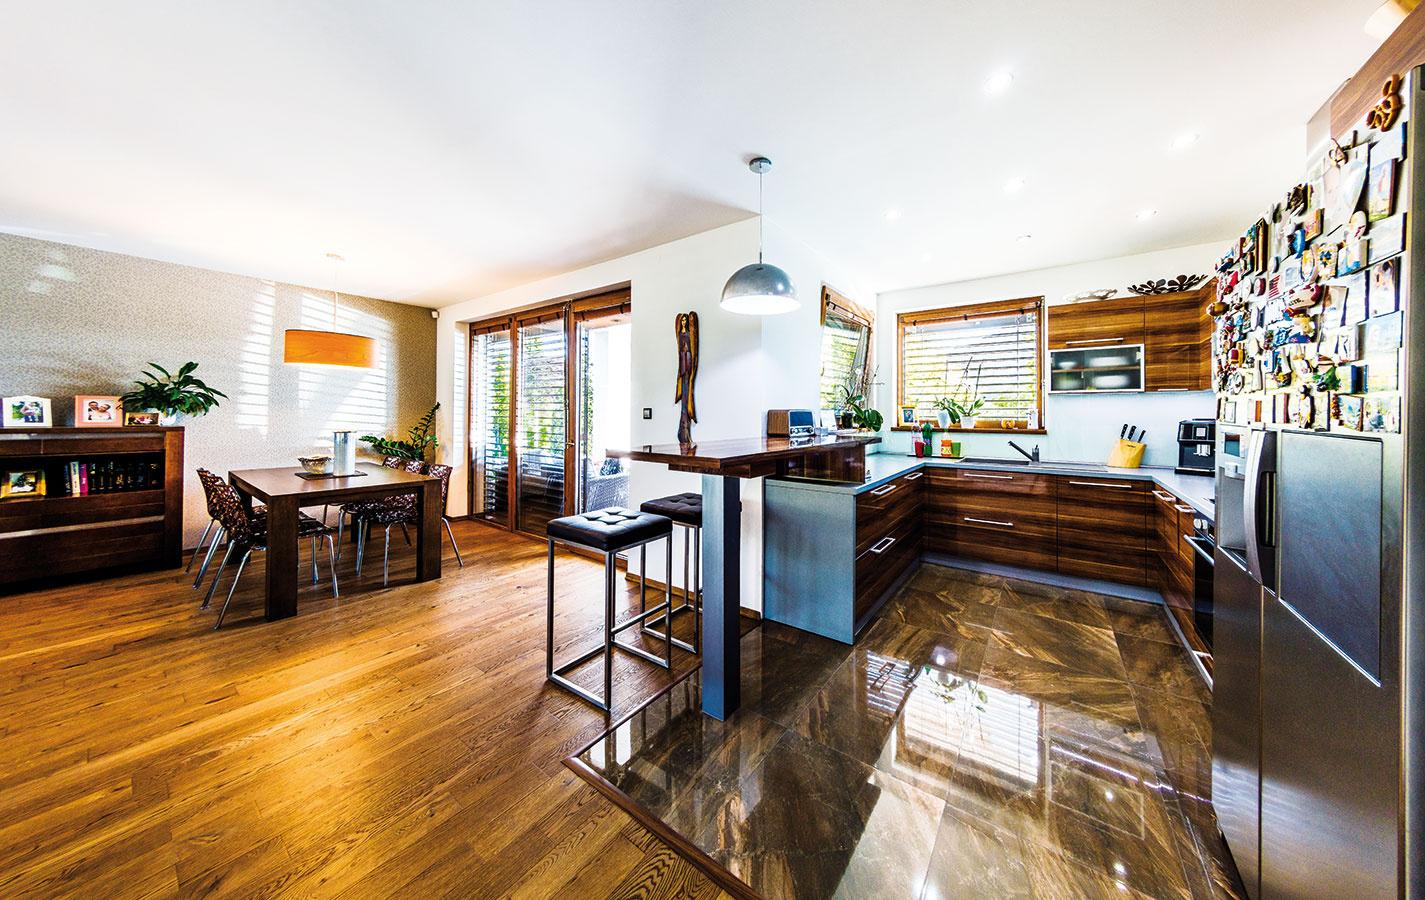 """Srdcom domu je otvorený priestor sobývačkou akuchyňou, ikeď vpôvodnom katalógovom projekte bola kuchyňa navrhnutá ako samostatná miestnosť skomorou. """"Nechceli sme kuchyňu odrezať od centra diania. Navyše, nezmestila by sa nám do nej chladnička, ajdetská izba by bola oniečo menšia,"""" vysvetľuje praktické zmeny vdispozícii majiteľ."""